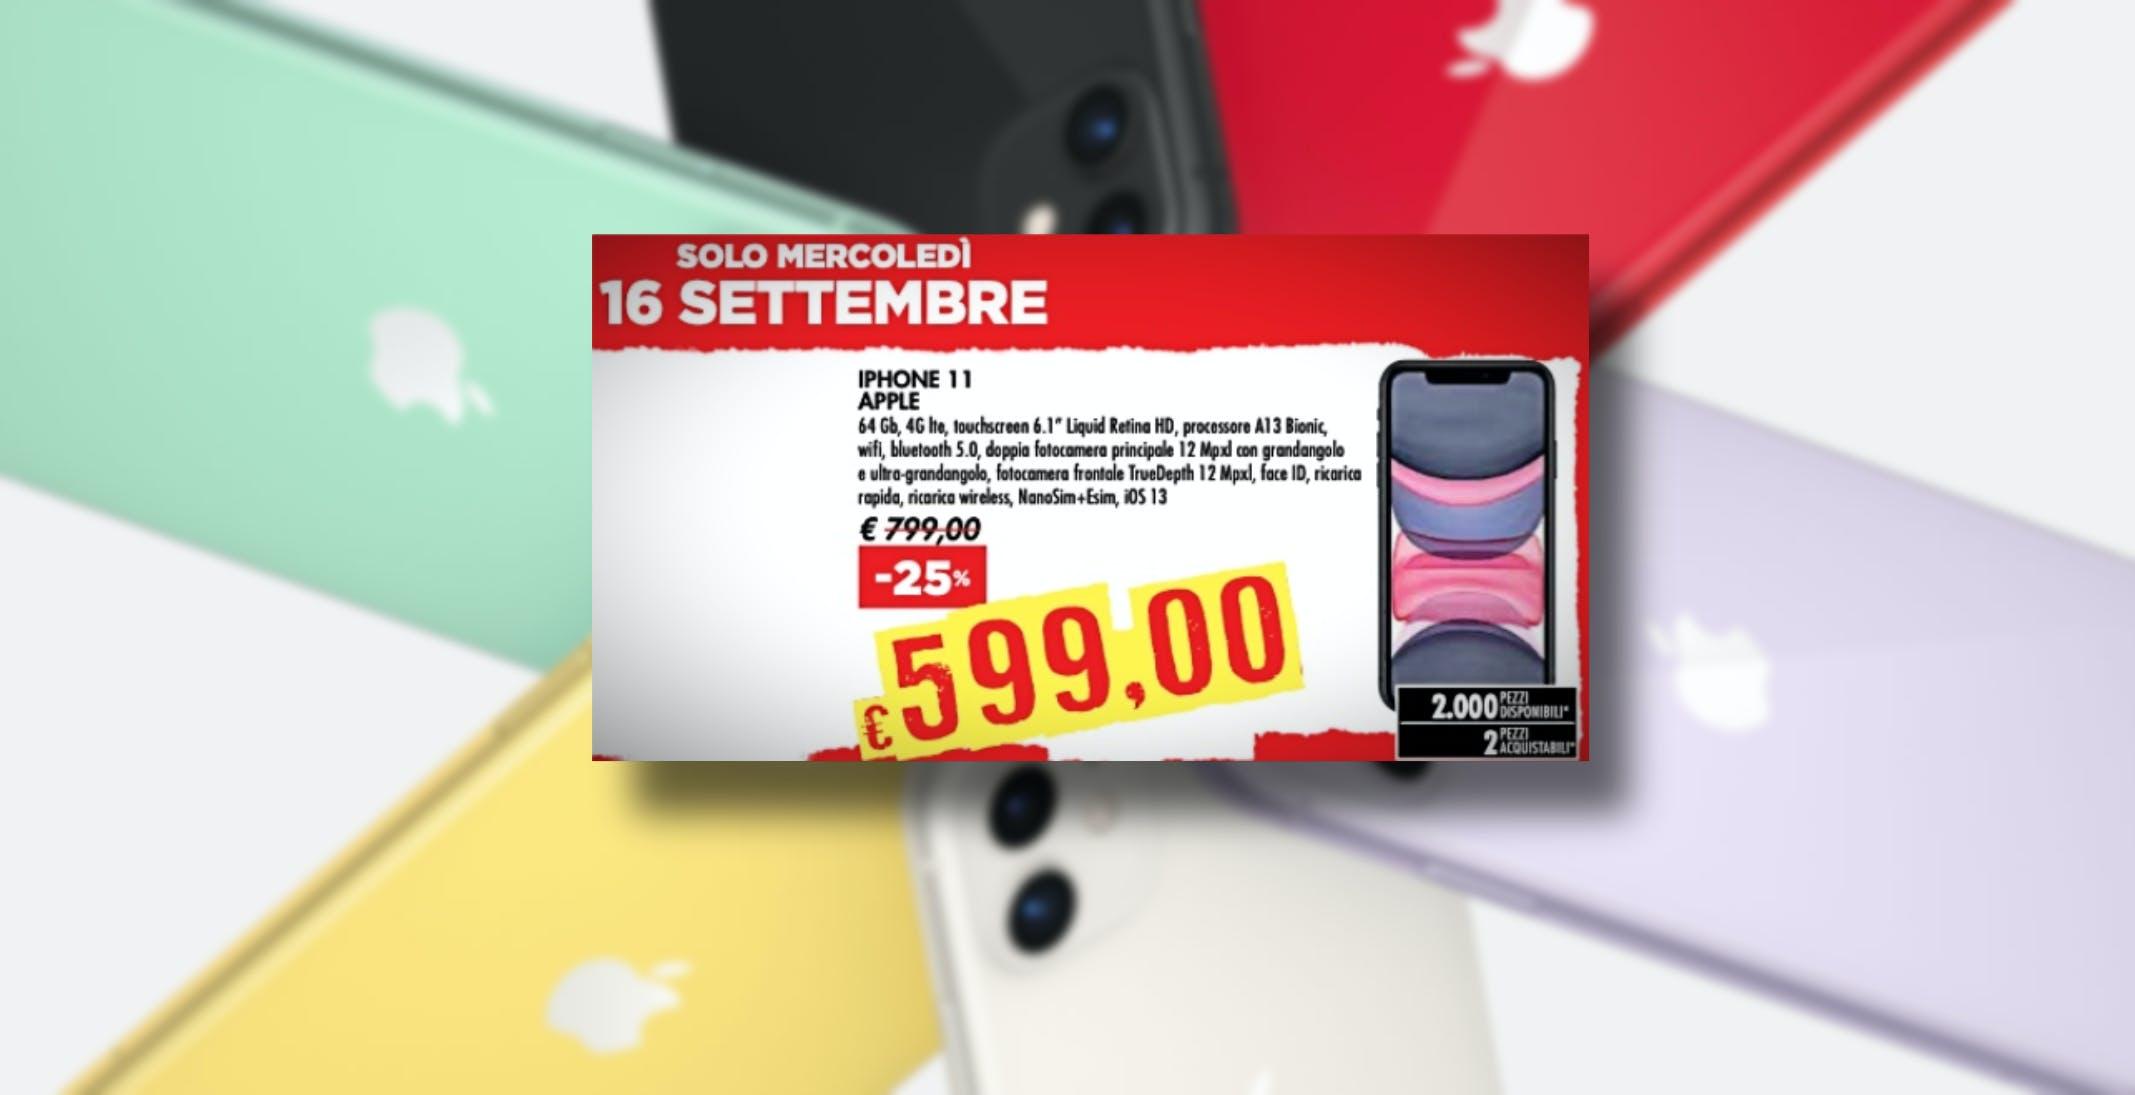 Bennet offre ancora l'iPhone 11 in super sconto: 599 euro, ma solo il 16 settembre